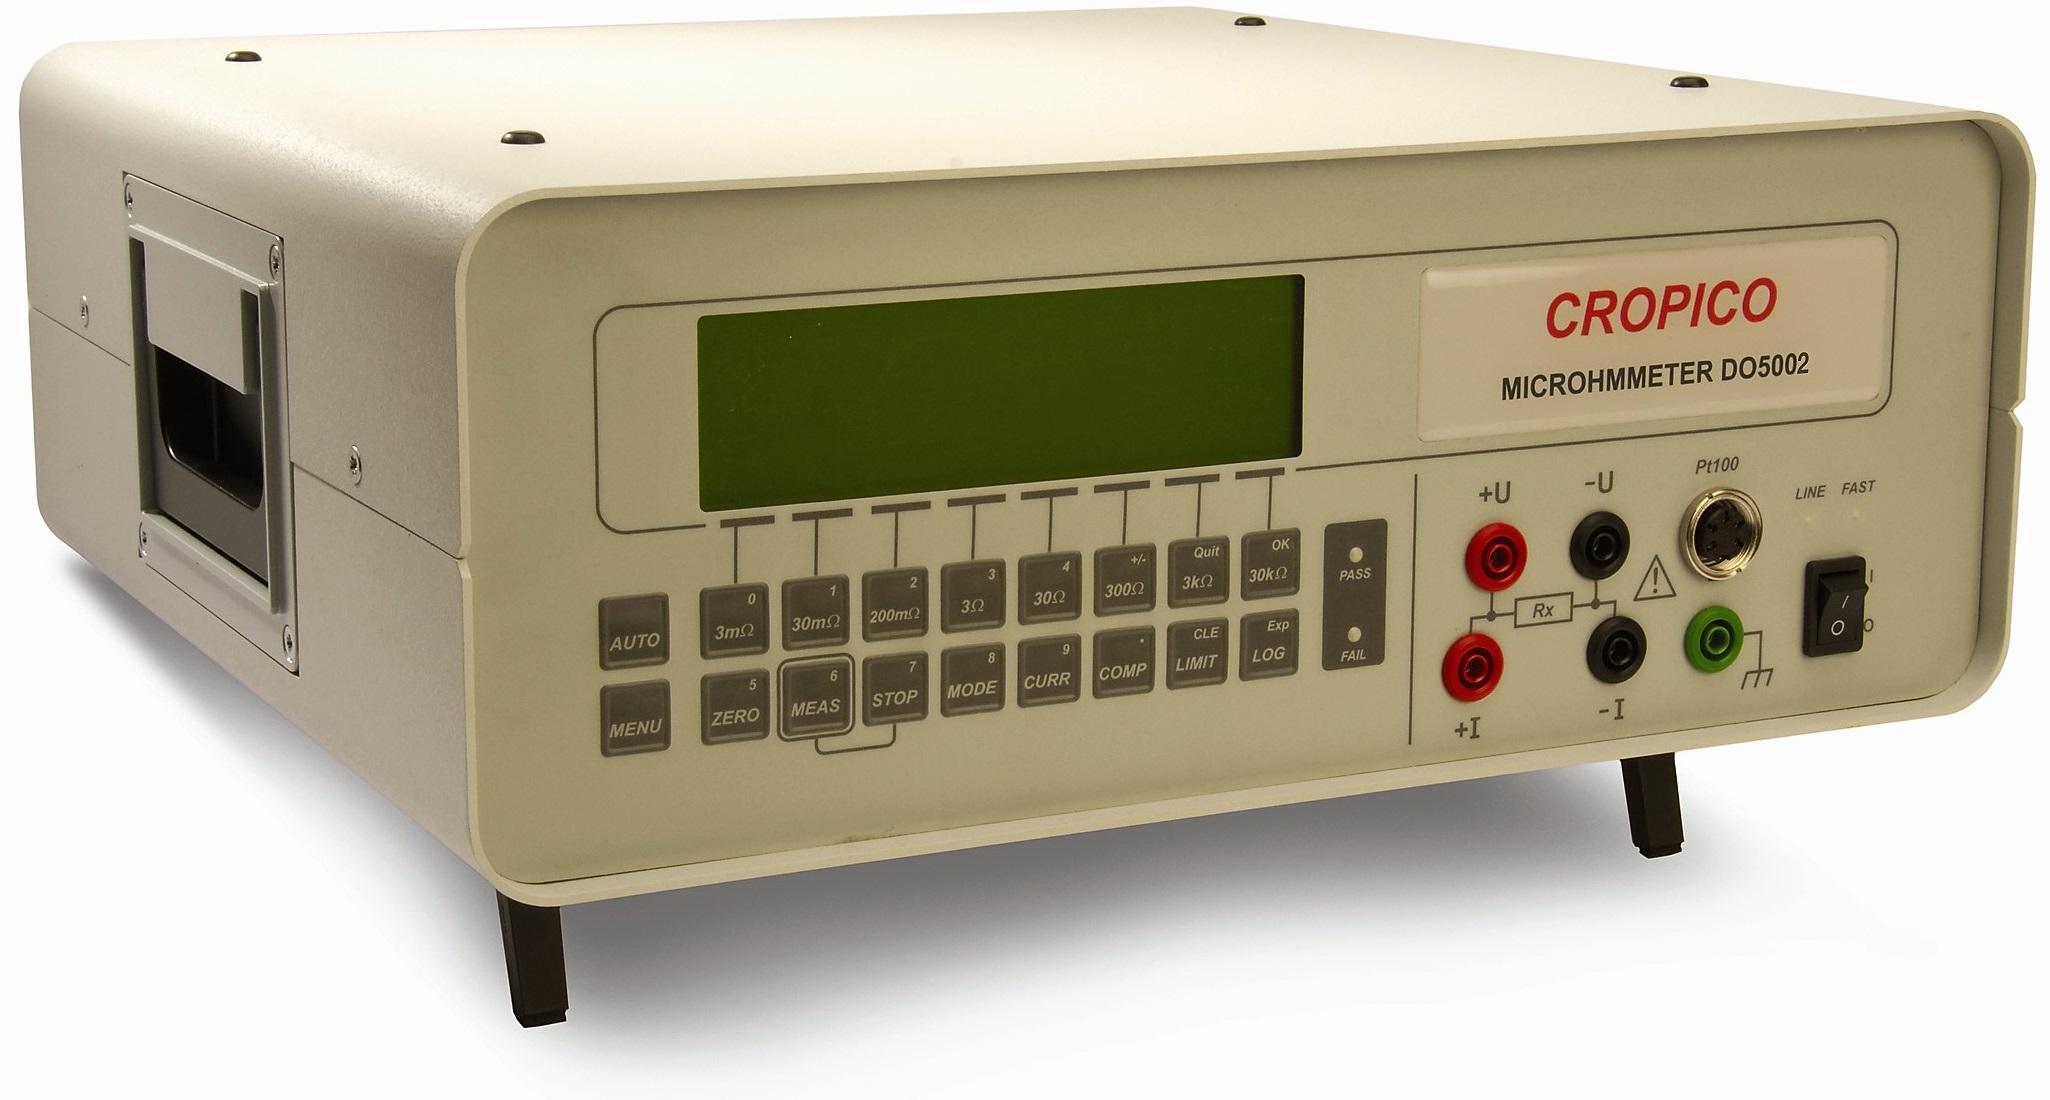 Cropico DO5000 series Digital MicroOhmmeters